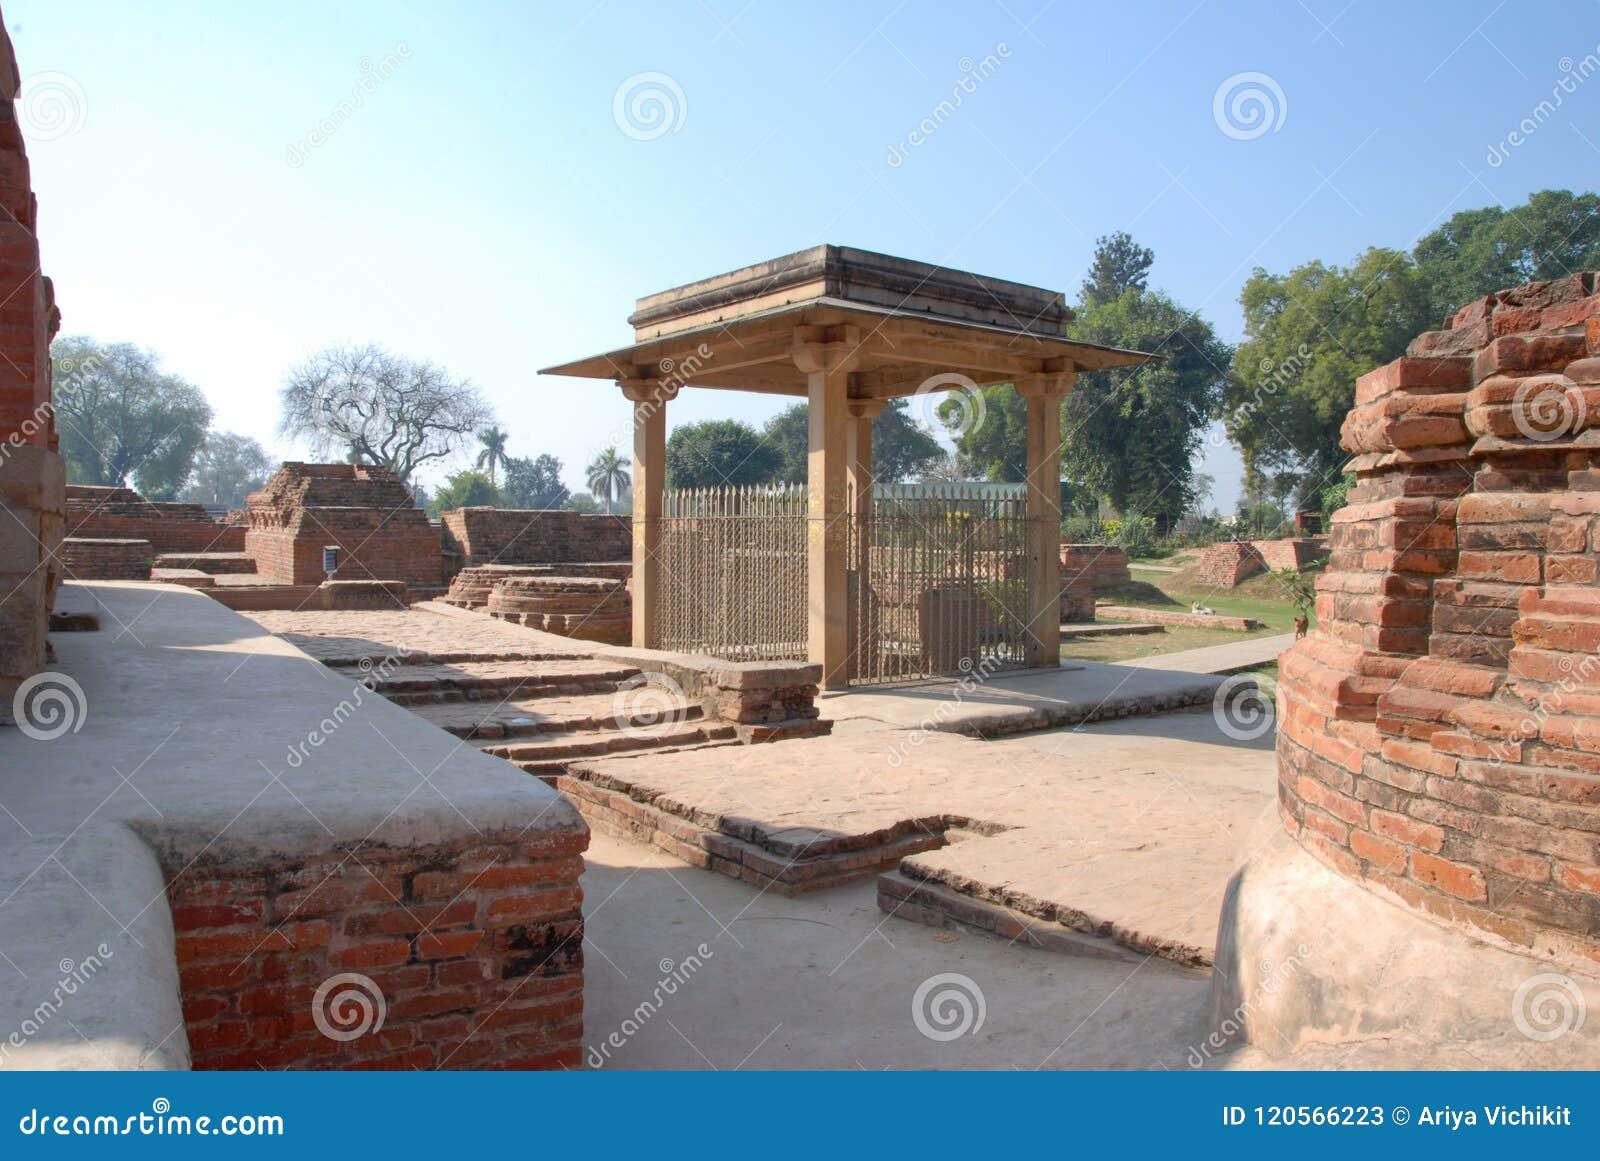 Pilar de Ananda Stupa y de Asokan en Kutagarasala Vihara, Vaishali,